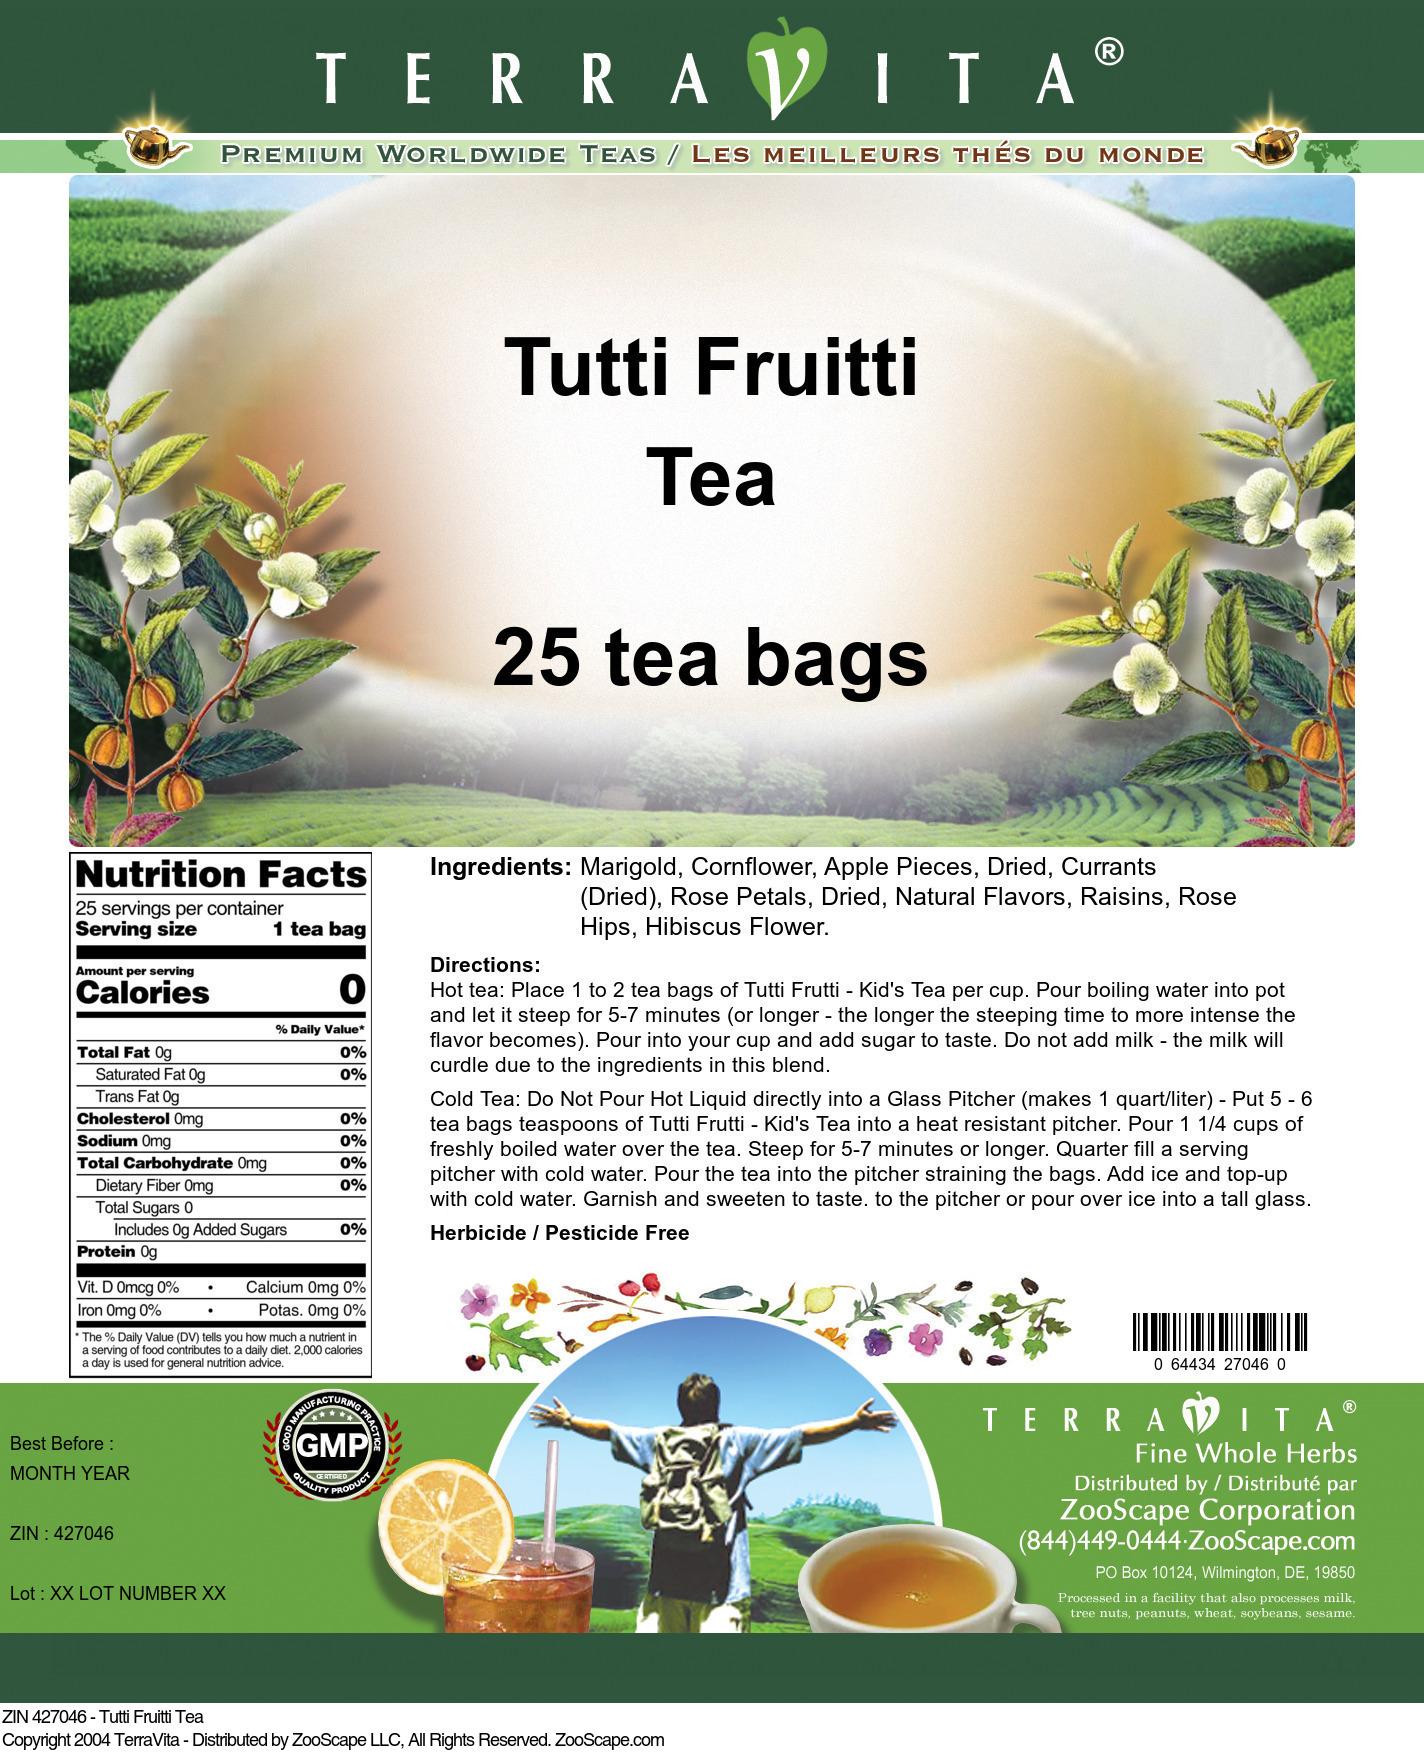 Tutti Fruitti Tea